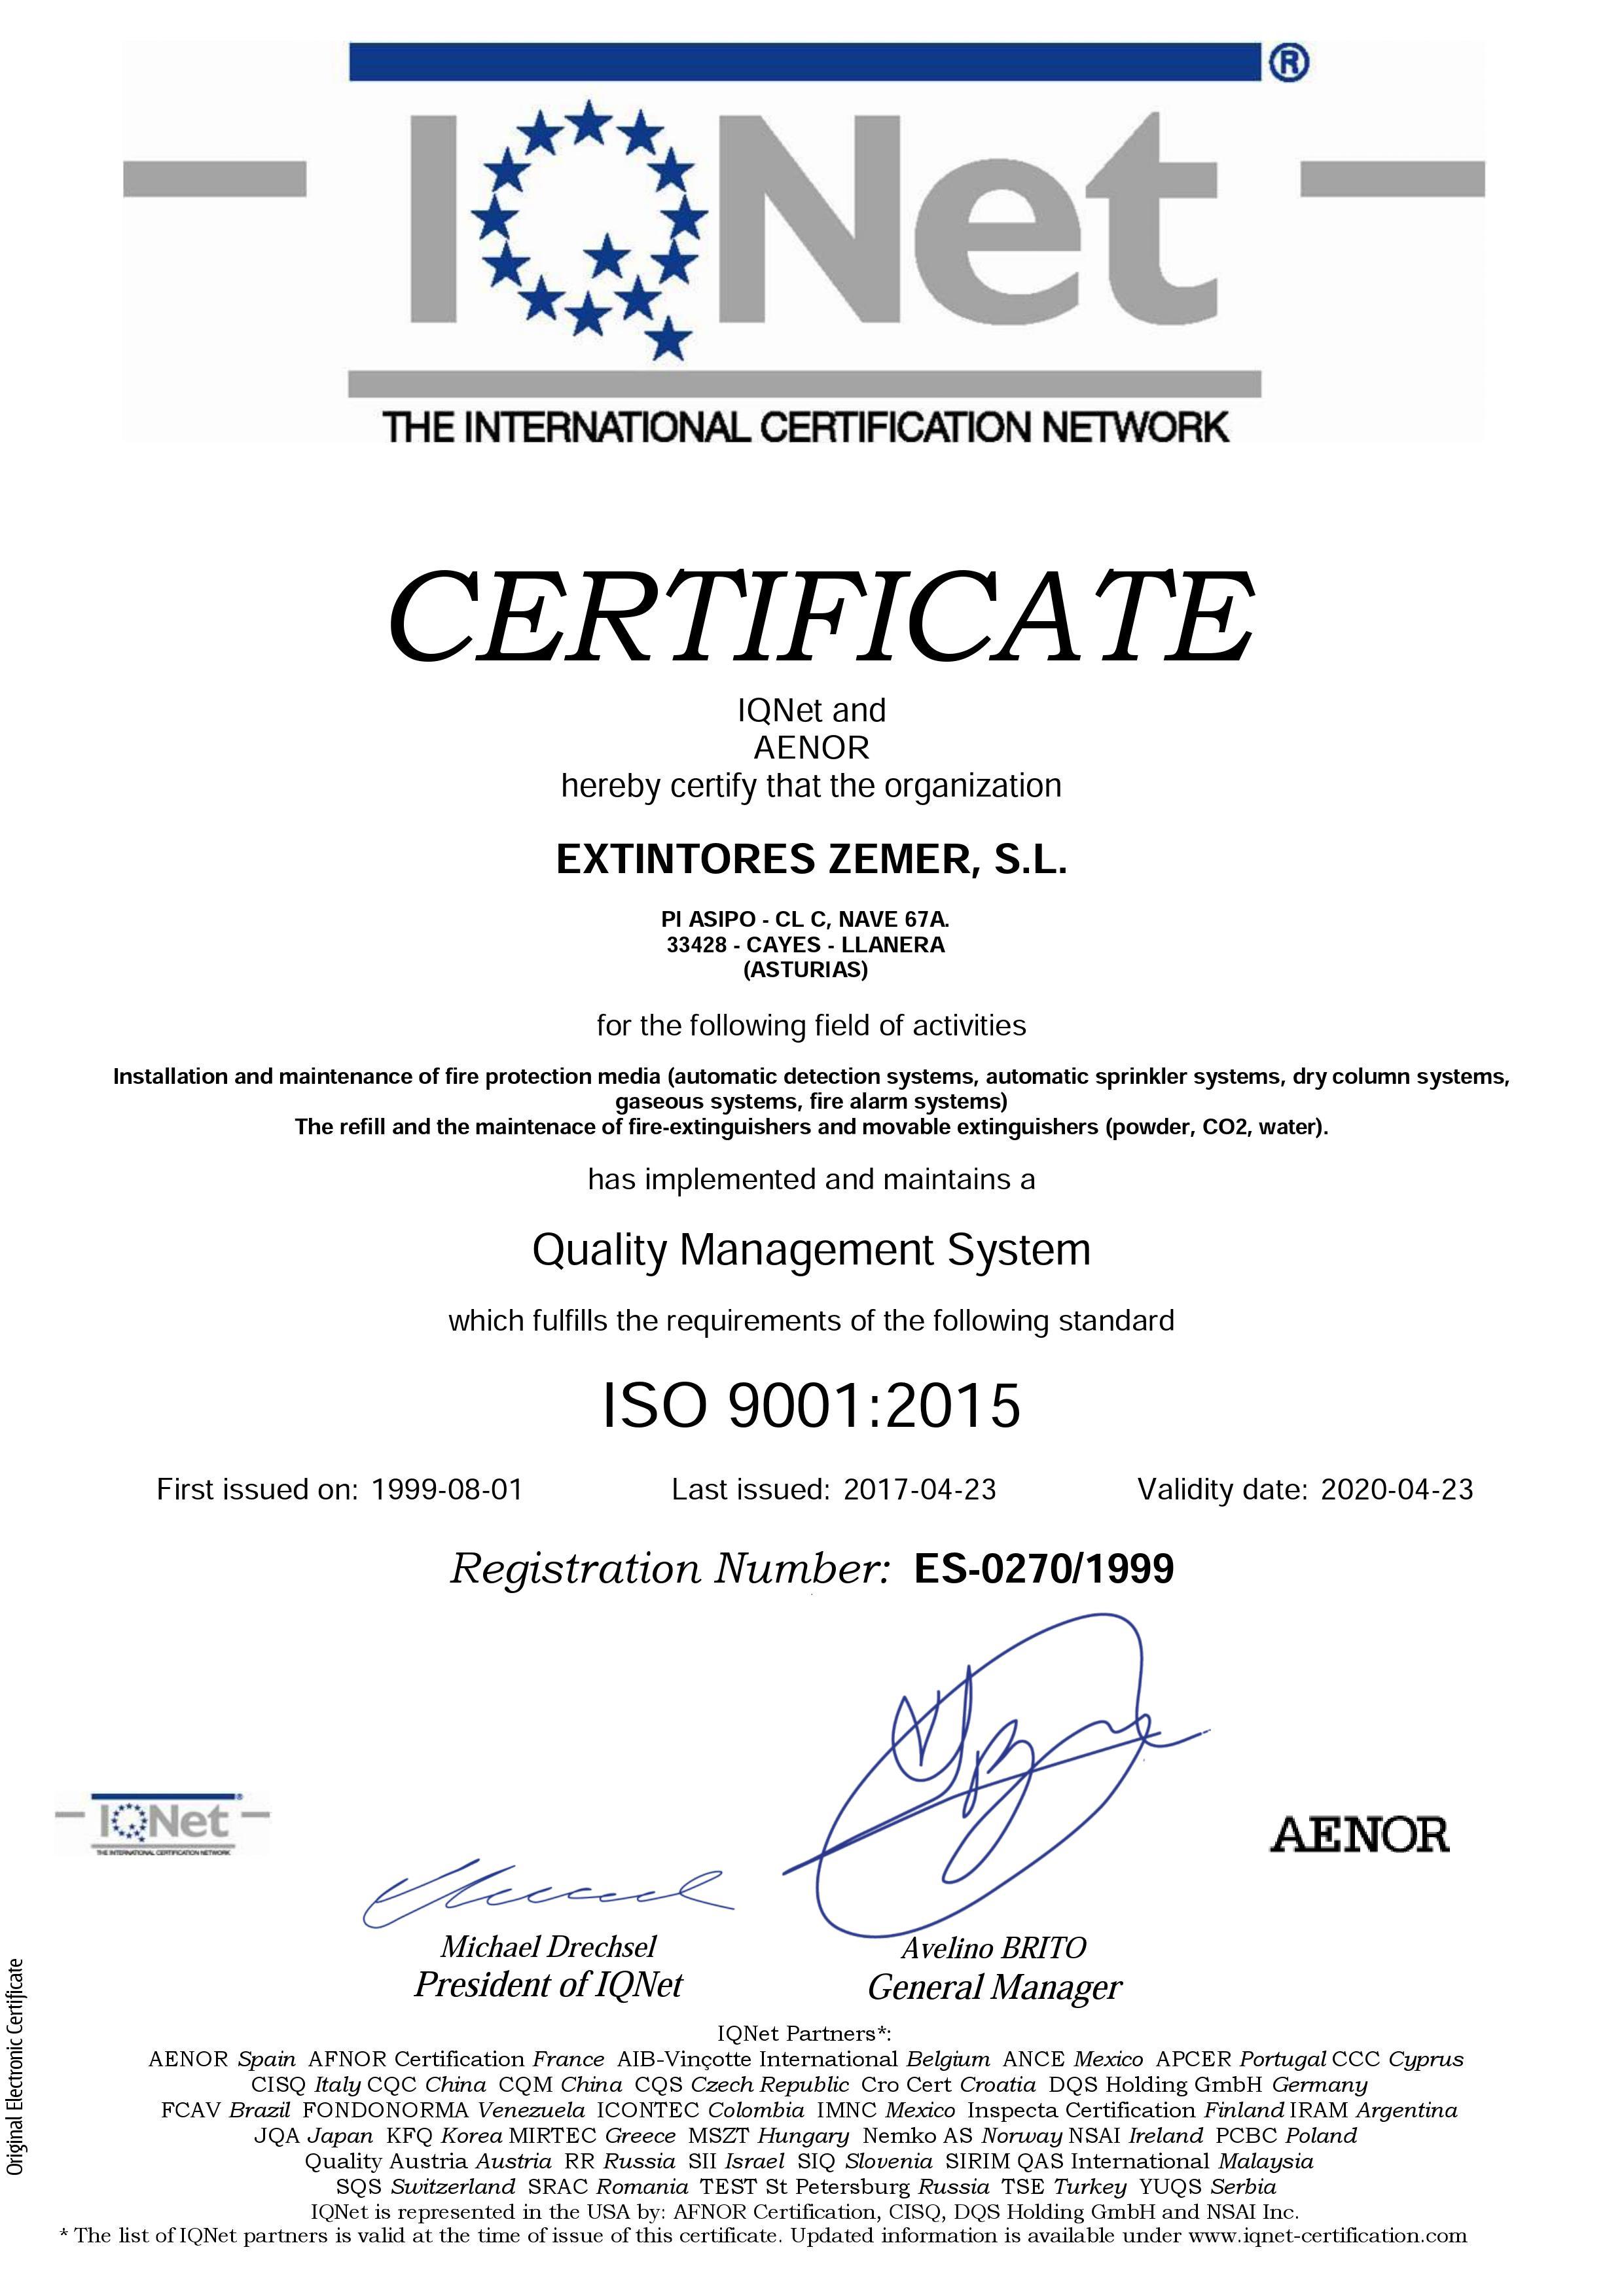 GESTION CALIDAD IQNet y Aenor 9001:2015 Nº ES-0270/1999